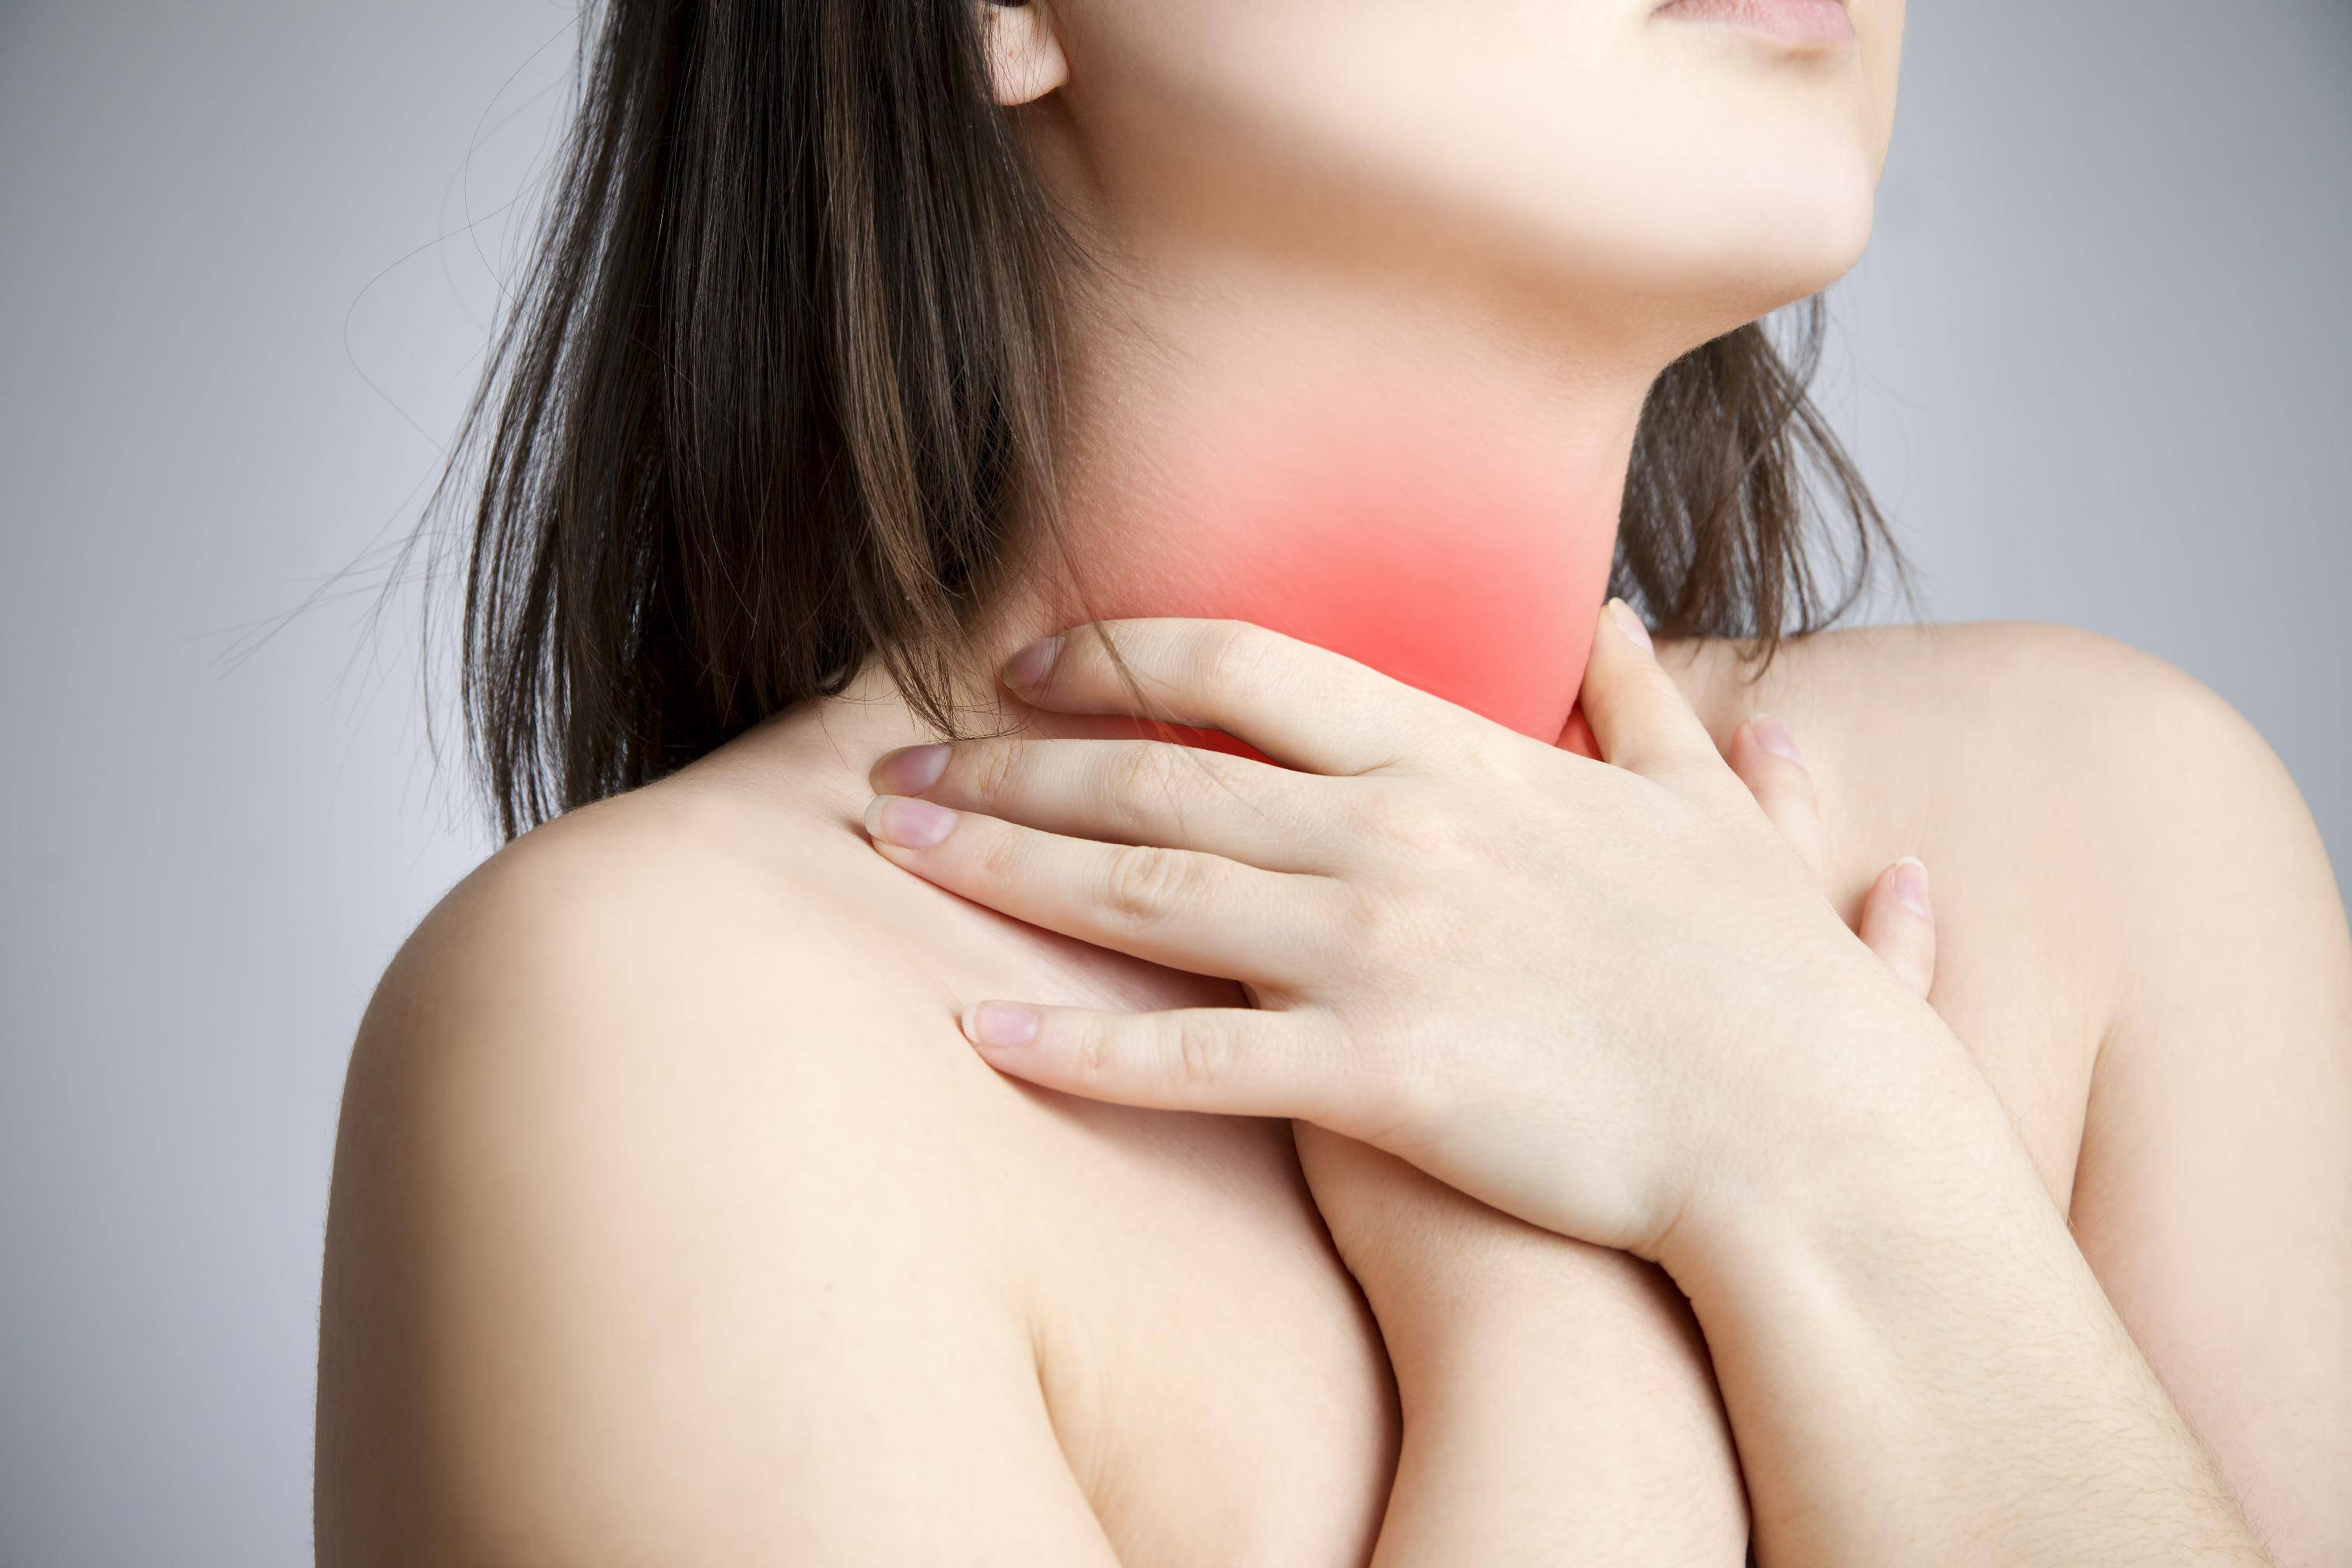 Односторонняя боль в горле при глотании